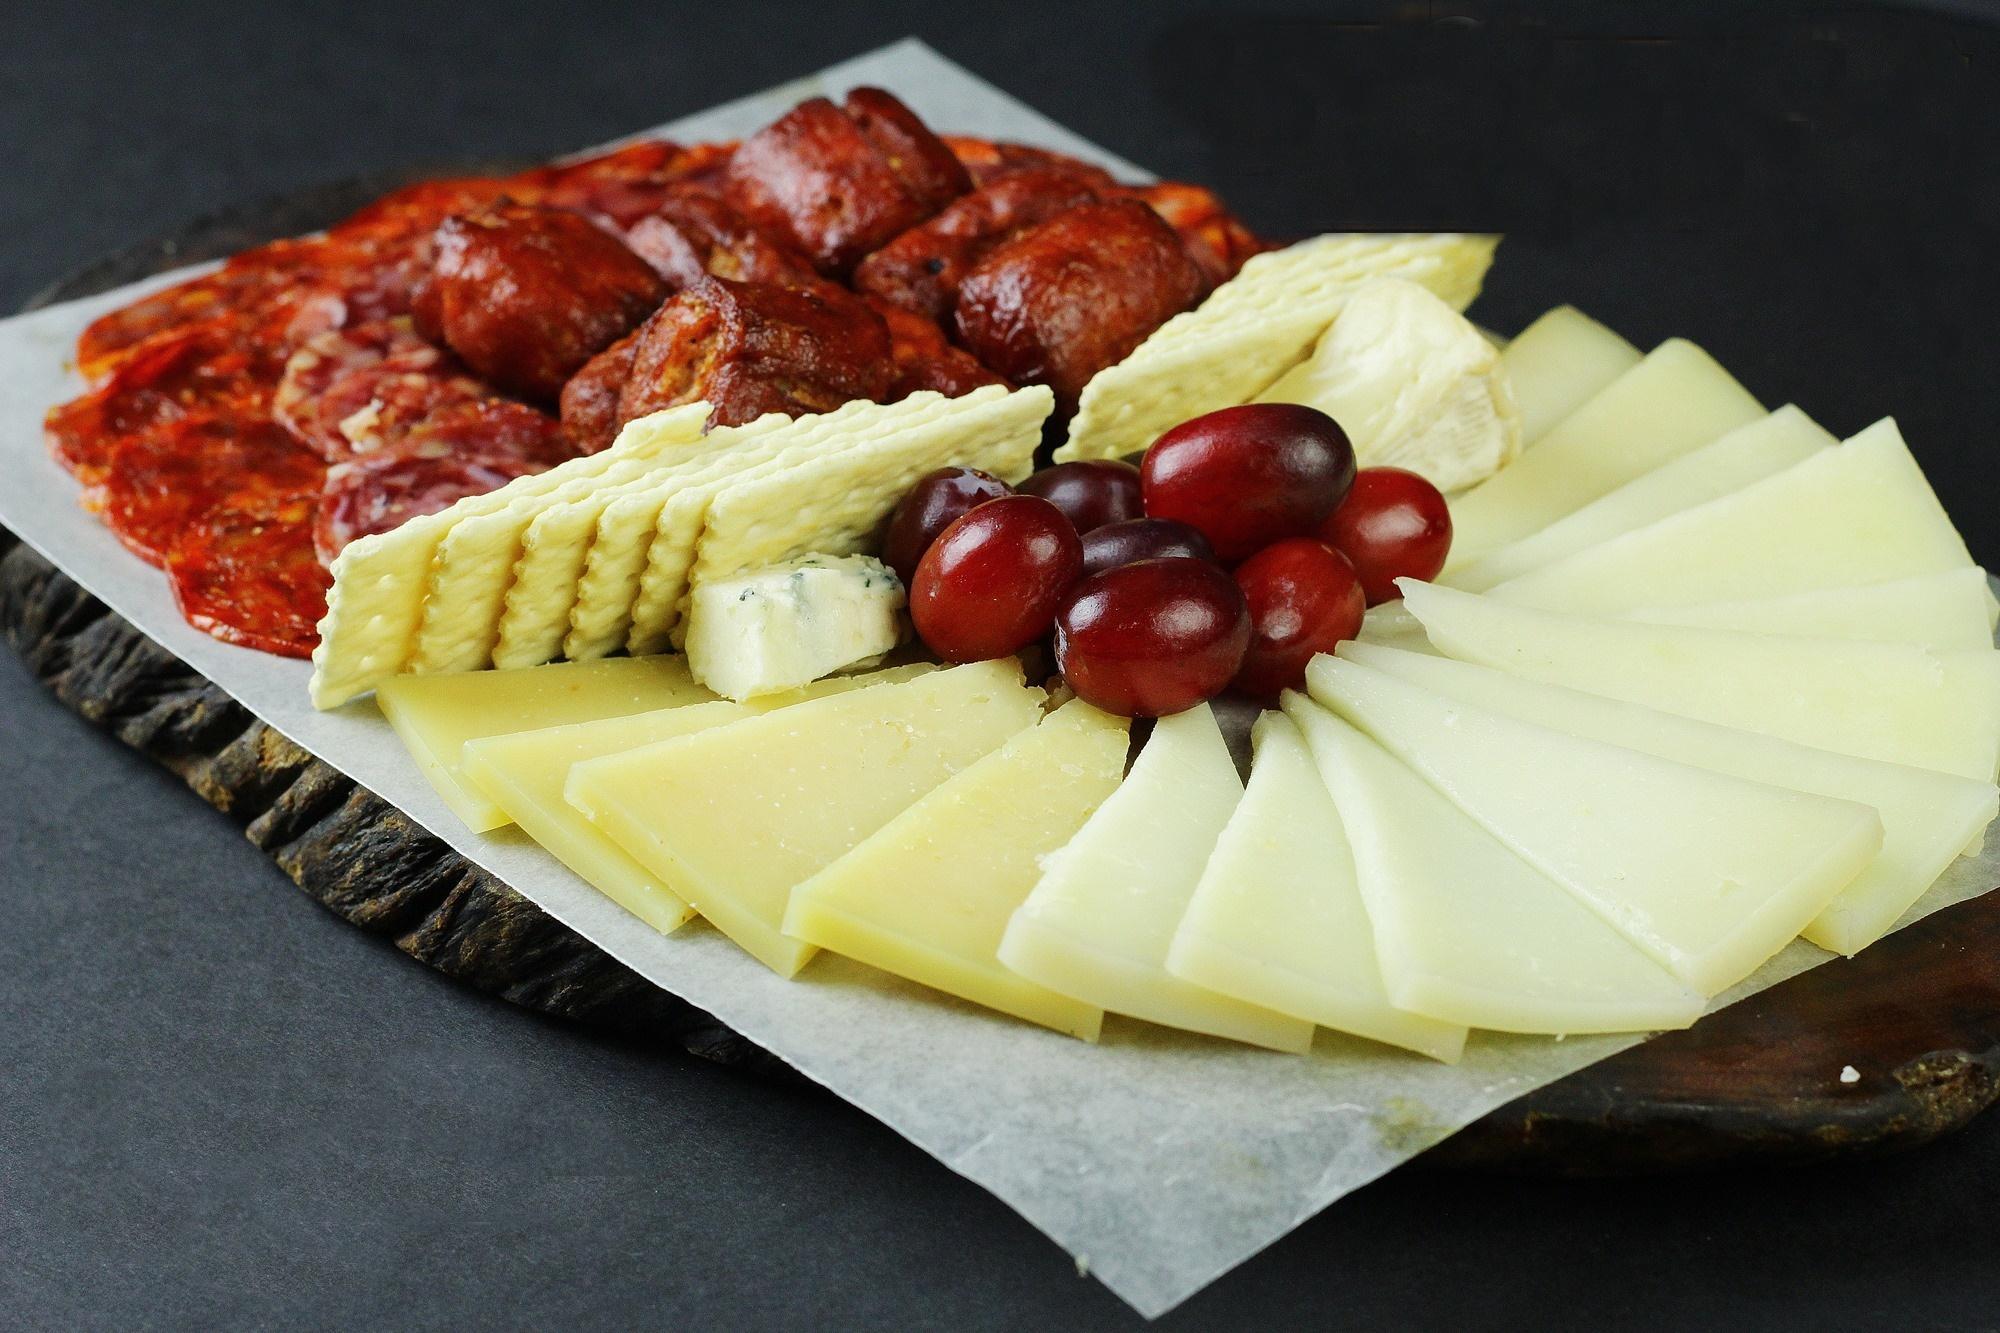 Chorizo and Cheese Platter